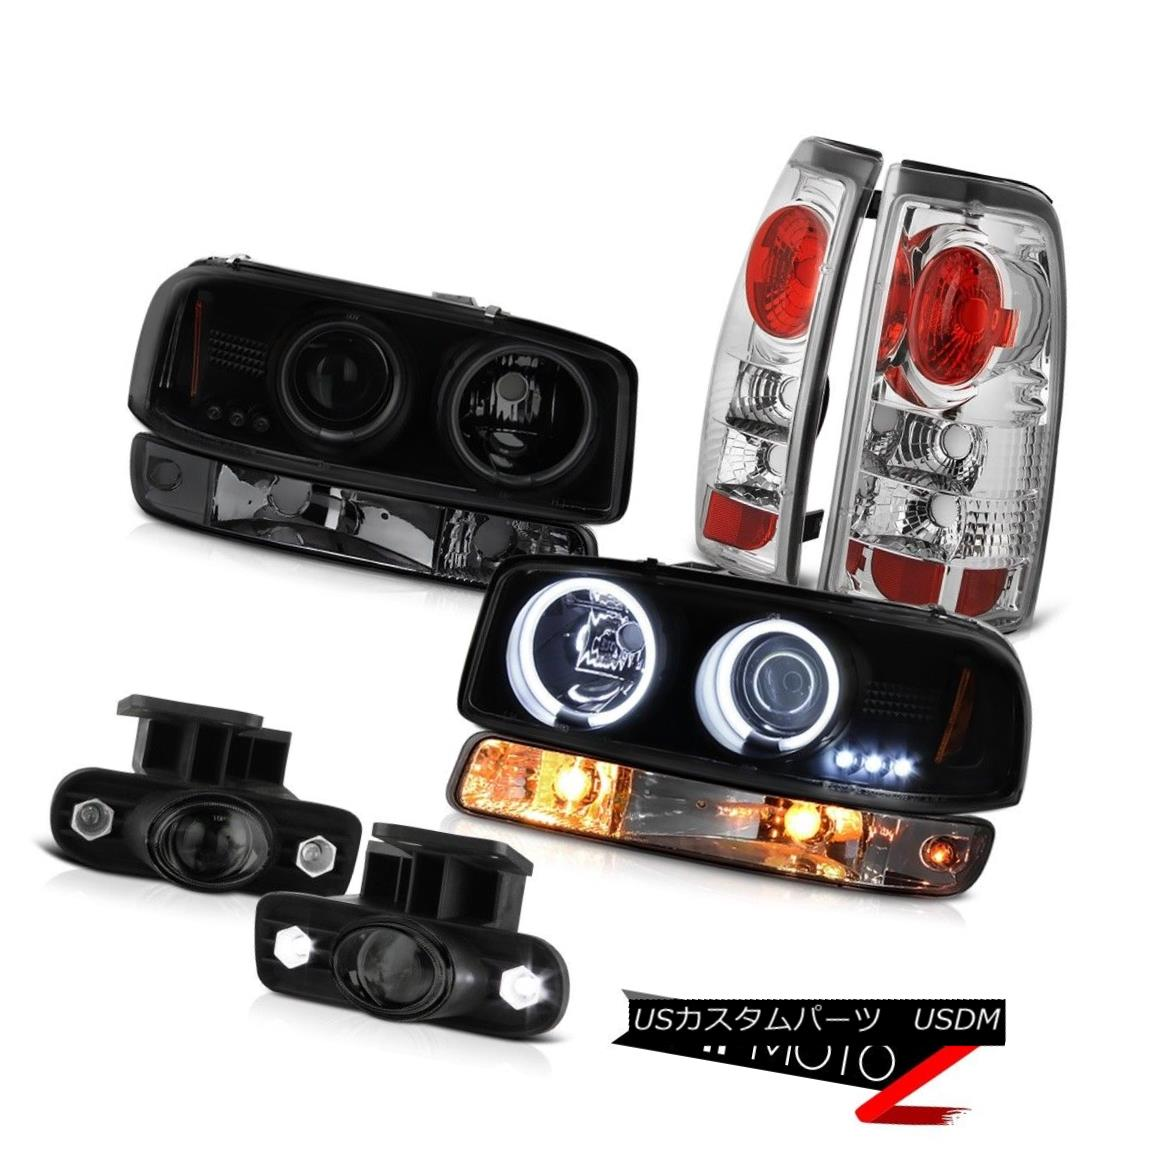 テールライト 99-02 Sierra WT Foglamps tail brake lights turn signal ccfl projector headlights 99-02シエラWTフォグランプテールブレーキライト信号ccflプロジェクターヘッドライト